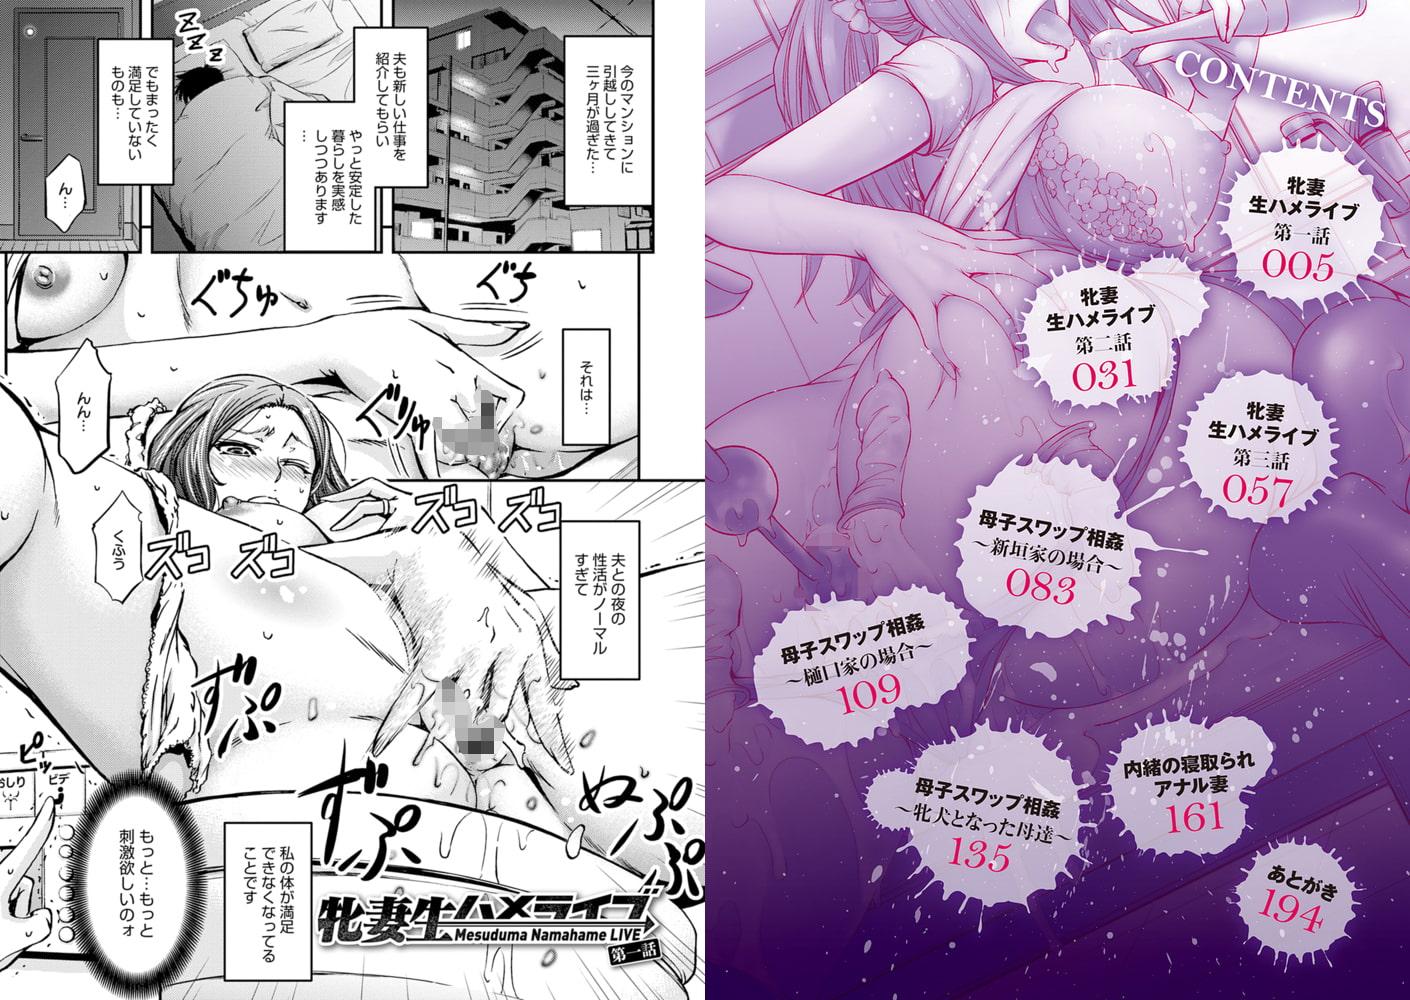 尻雌奴ライフ【デジタル特装版】【DLsite限定特典付き】